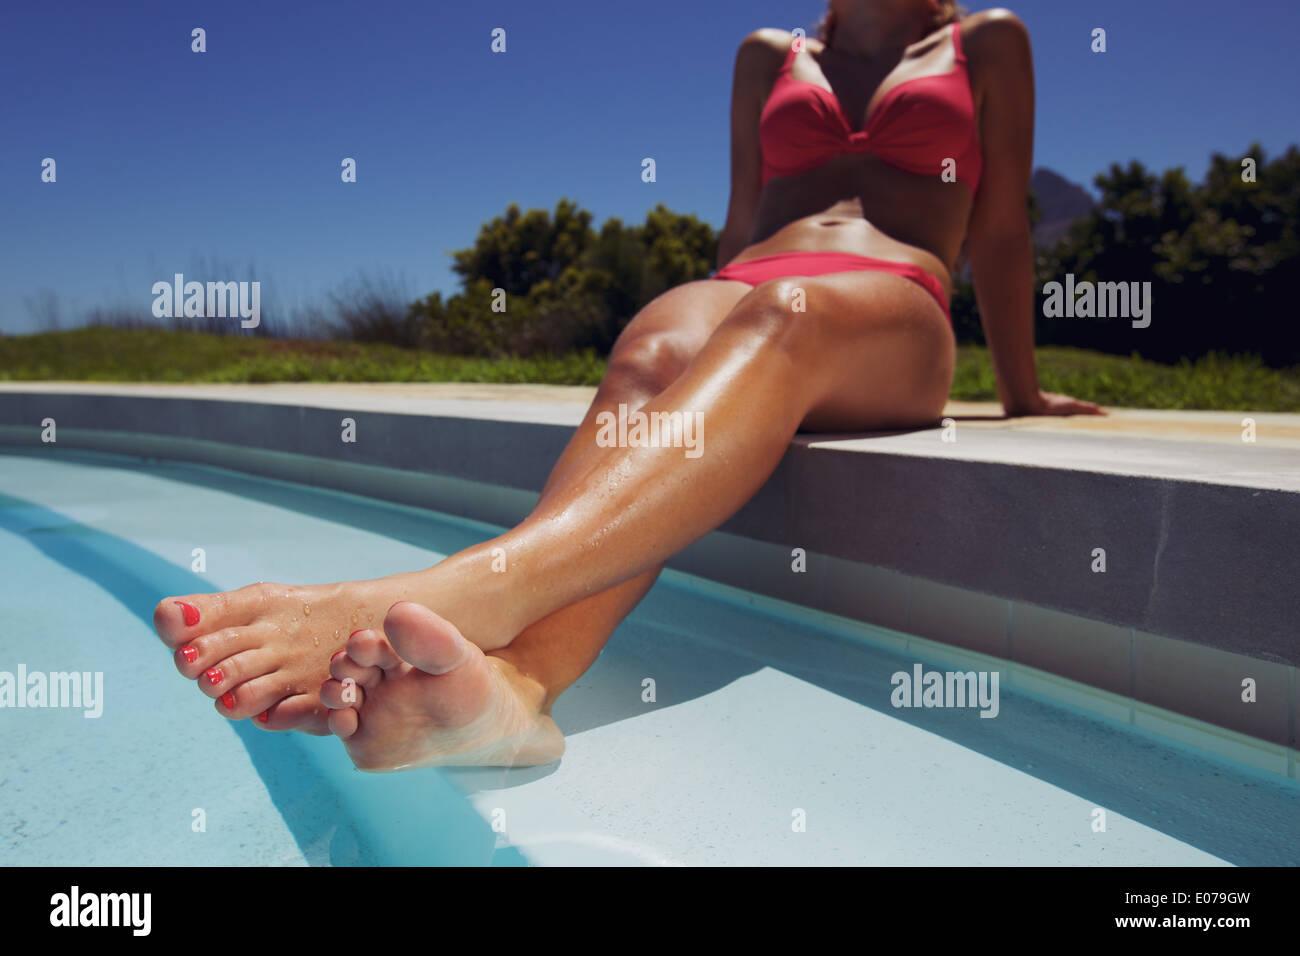 Basso angolo vista del modello femminile relax presso la piscina con le sue gambe in acqua. Giovane donna in bikini a prendere il sole in piscina. Immagini Stock